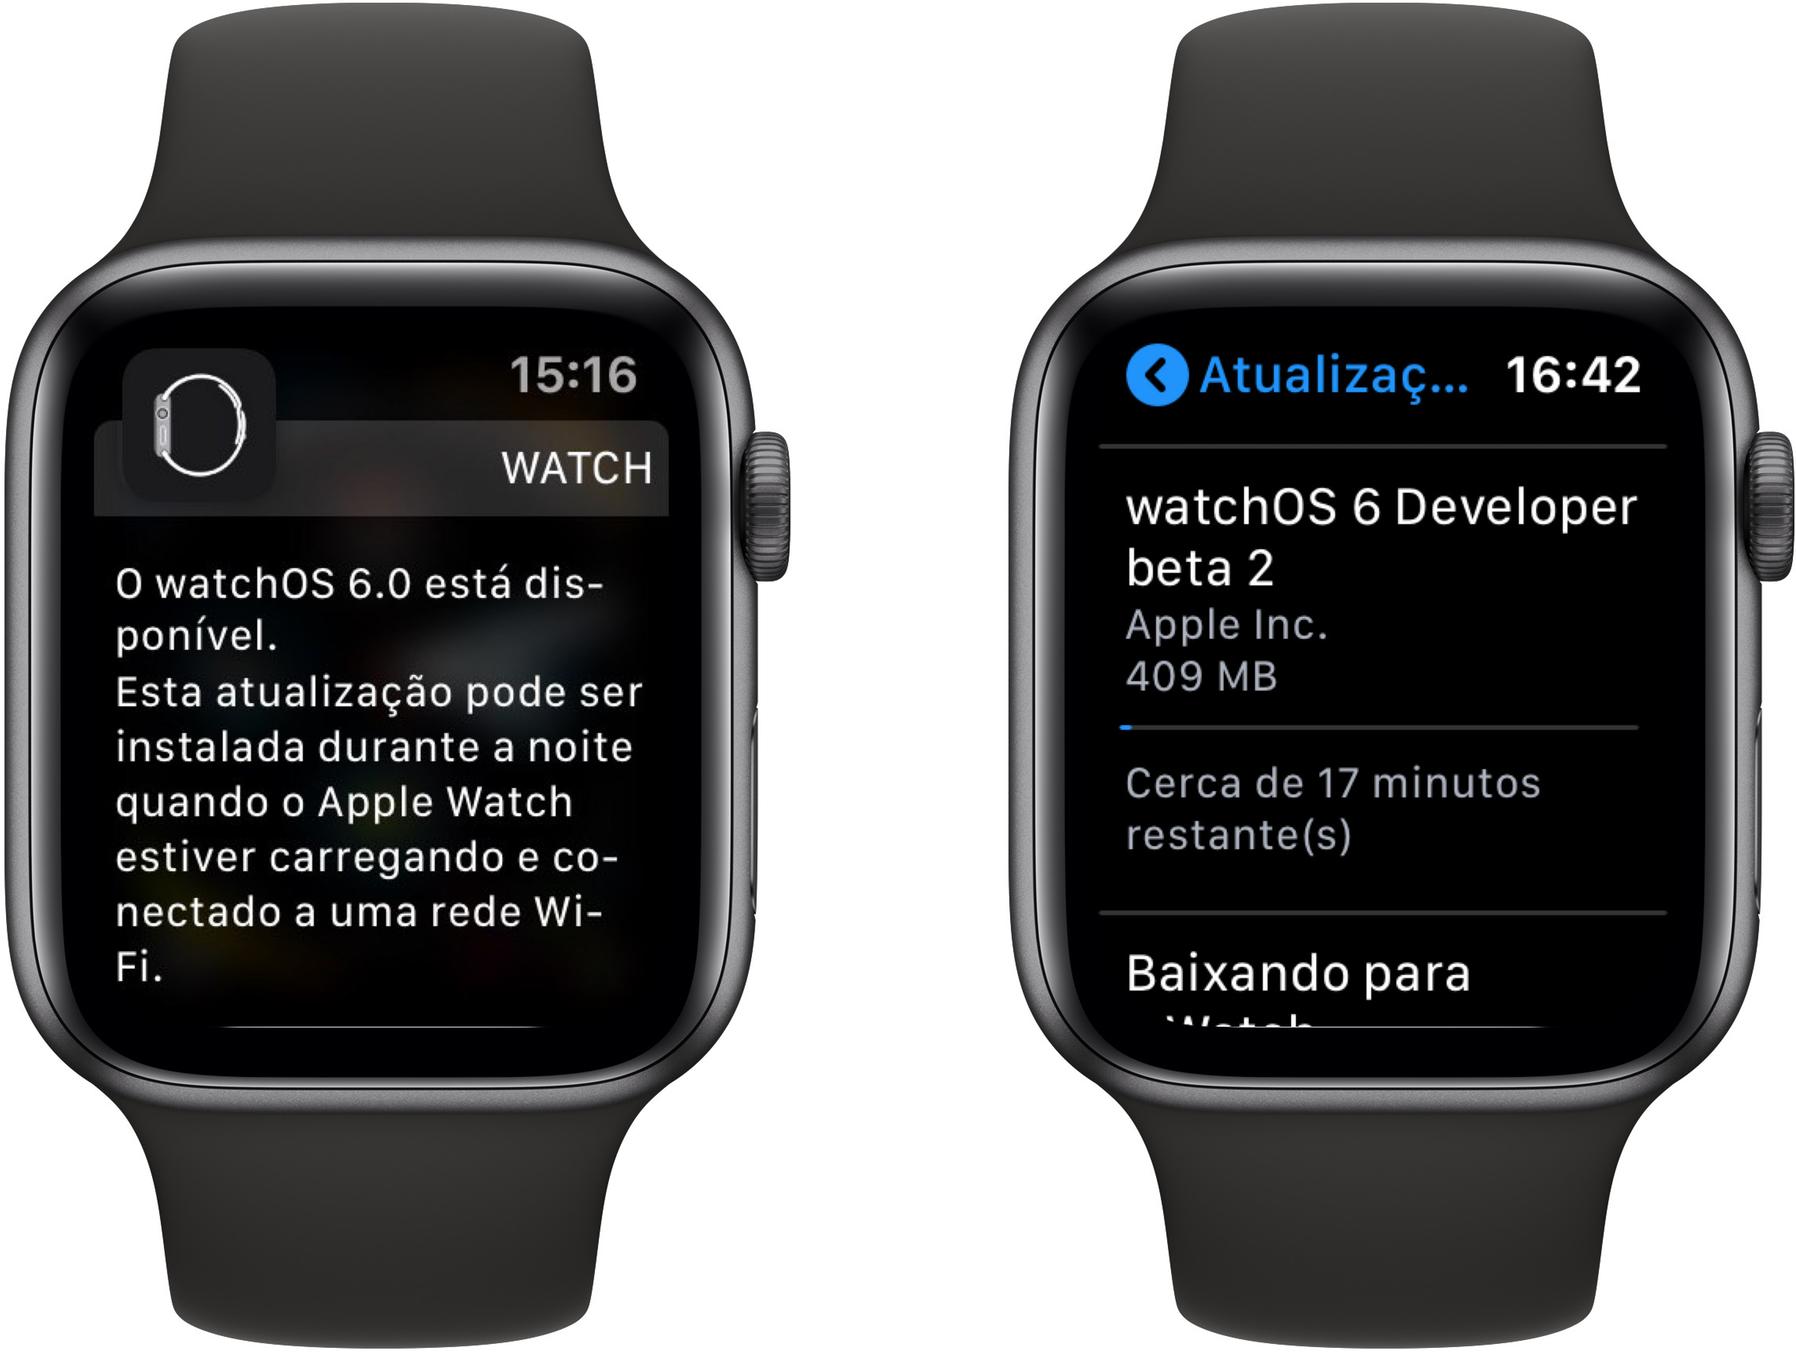 Atualização de software OTA no watchOS 6